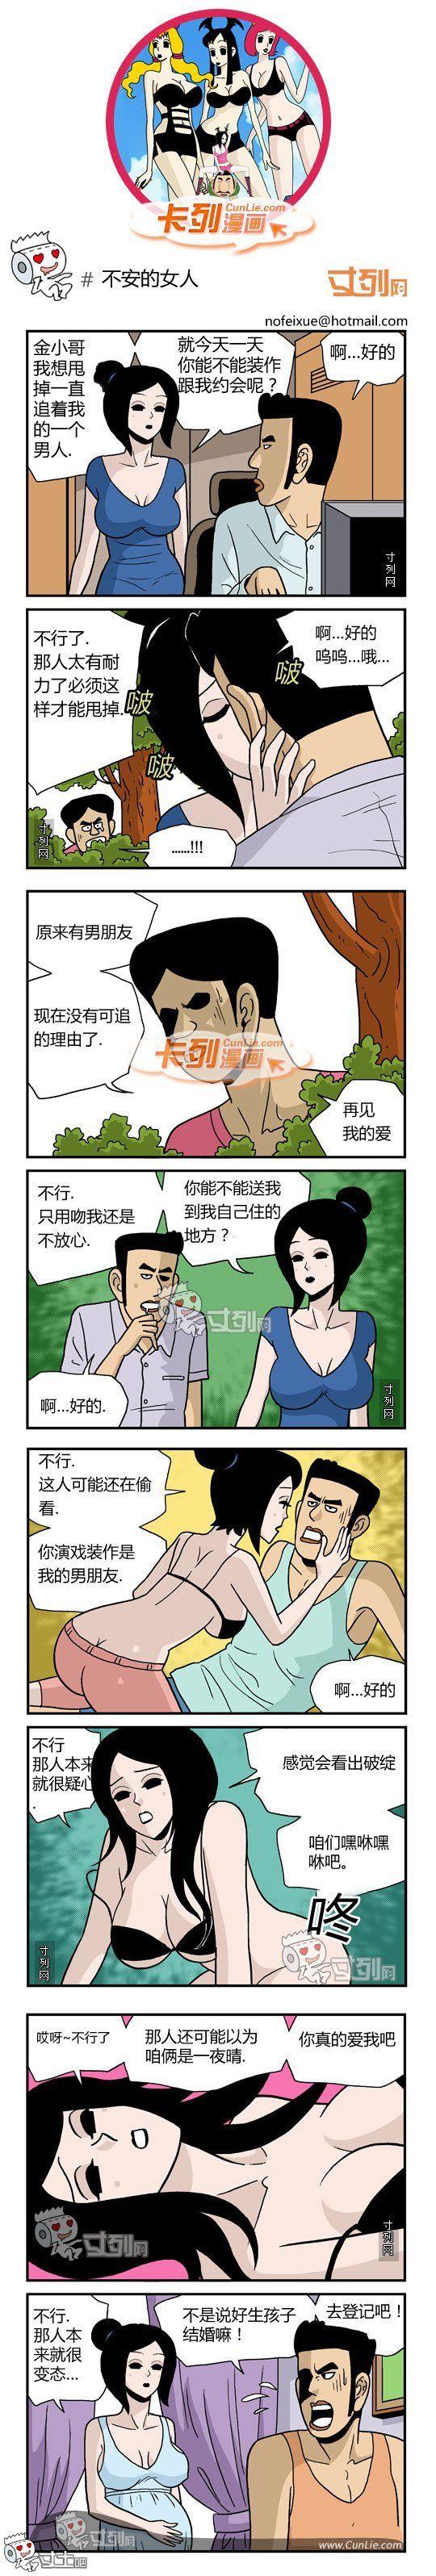 77.卡列漫画不安的女人